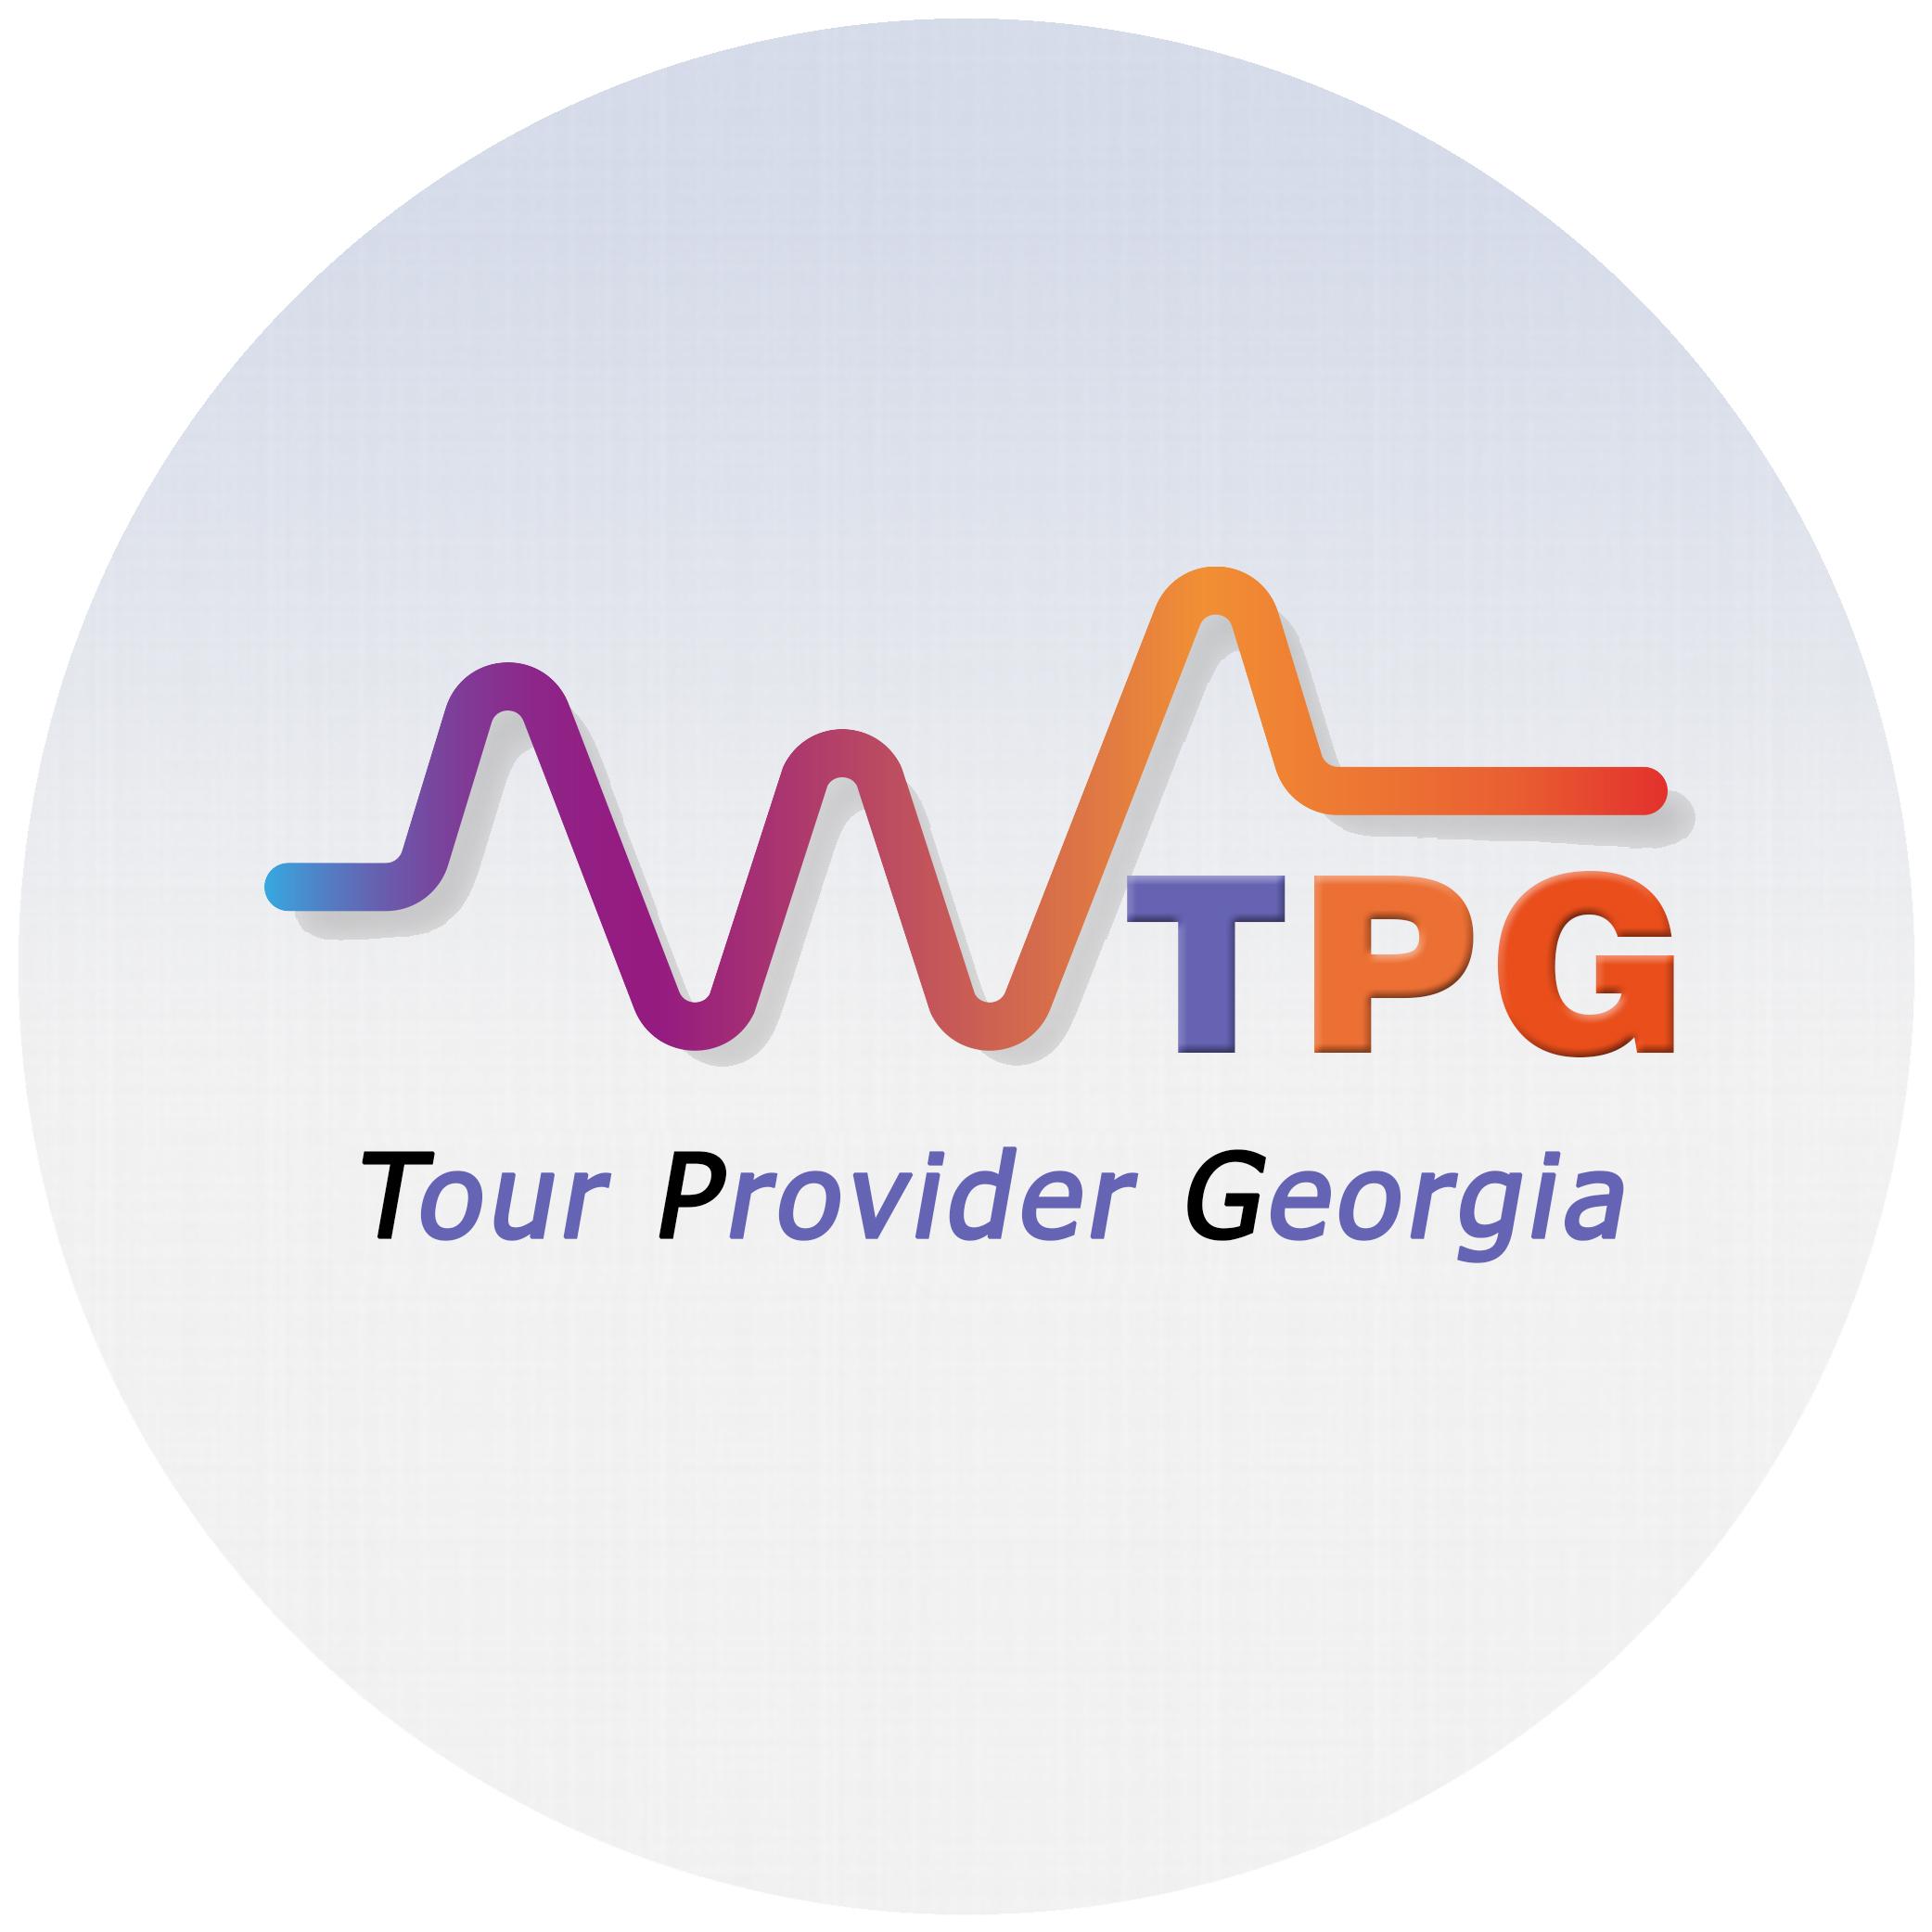 ტურისტული სააგენტო Tour Provider Georgia